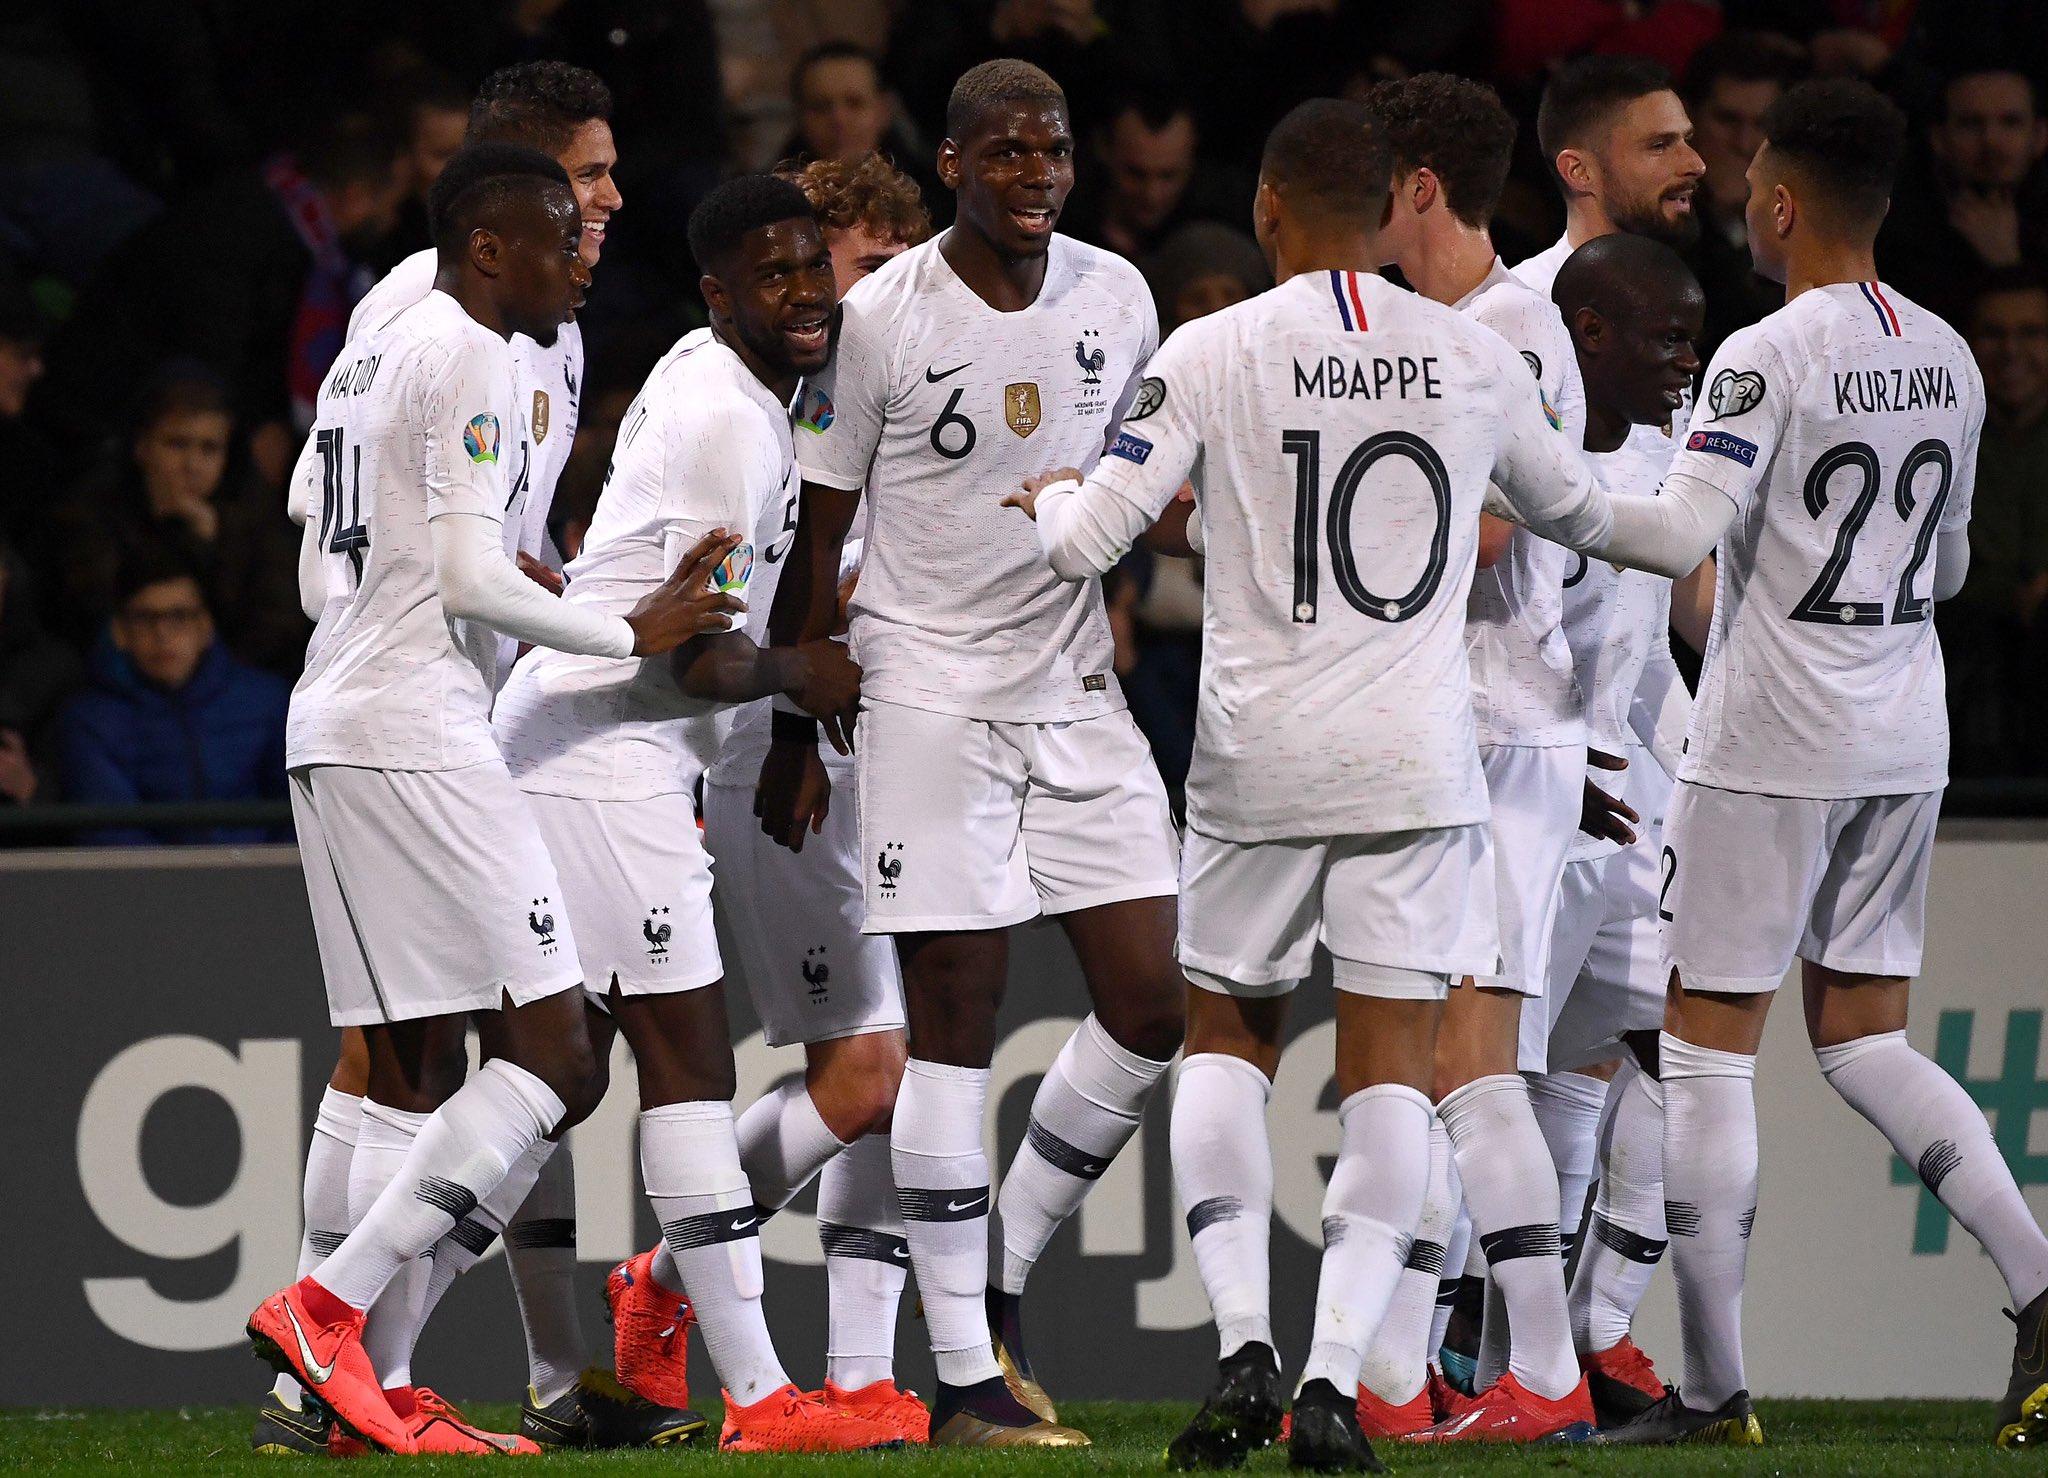 Moldavie/France - Le match et les notes des Parisiens après la large victoire 4-1